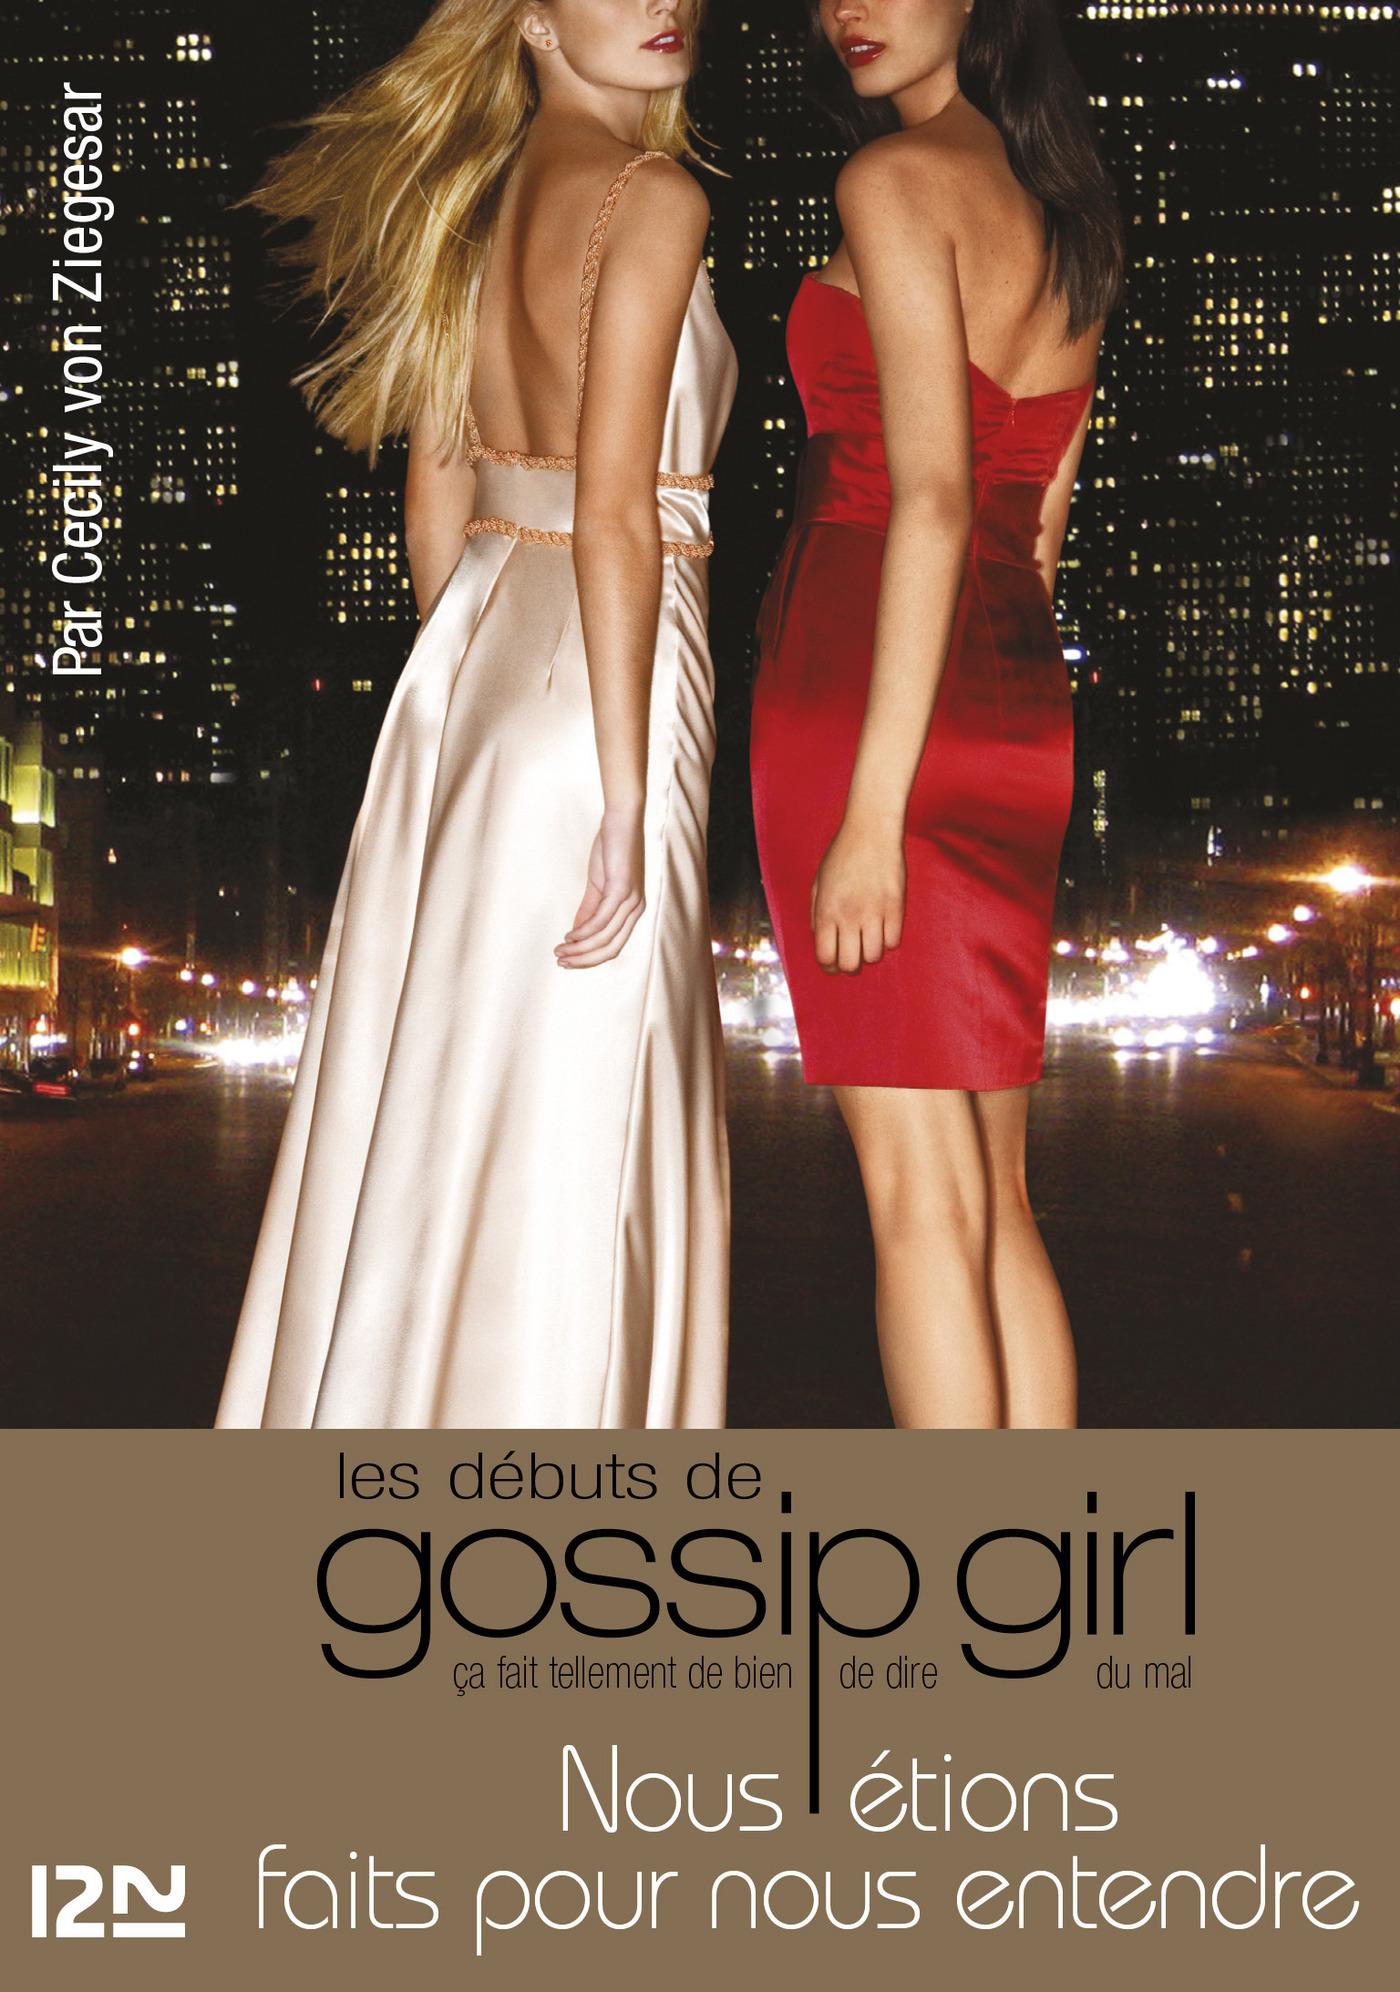 The Gossip Girl prequel   VON ZIEGESAR, Cecily